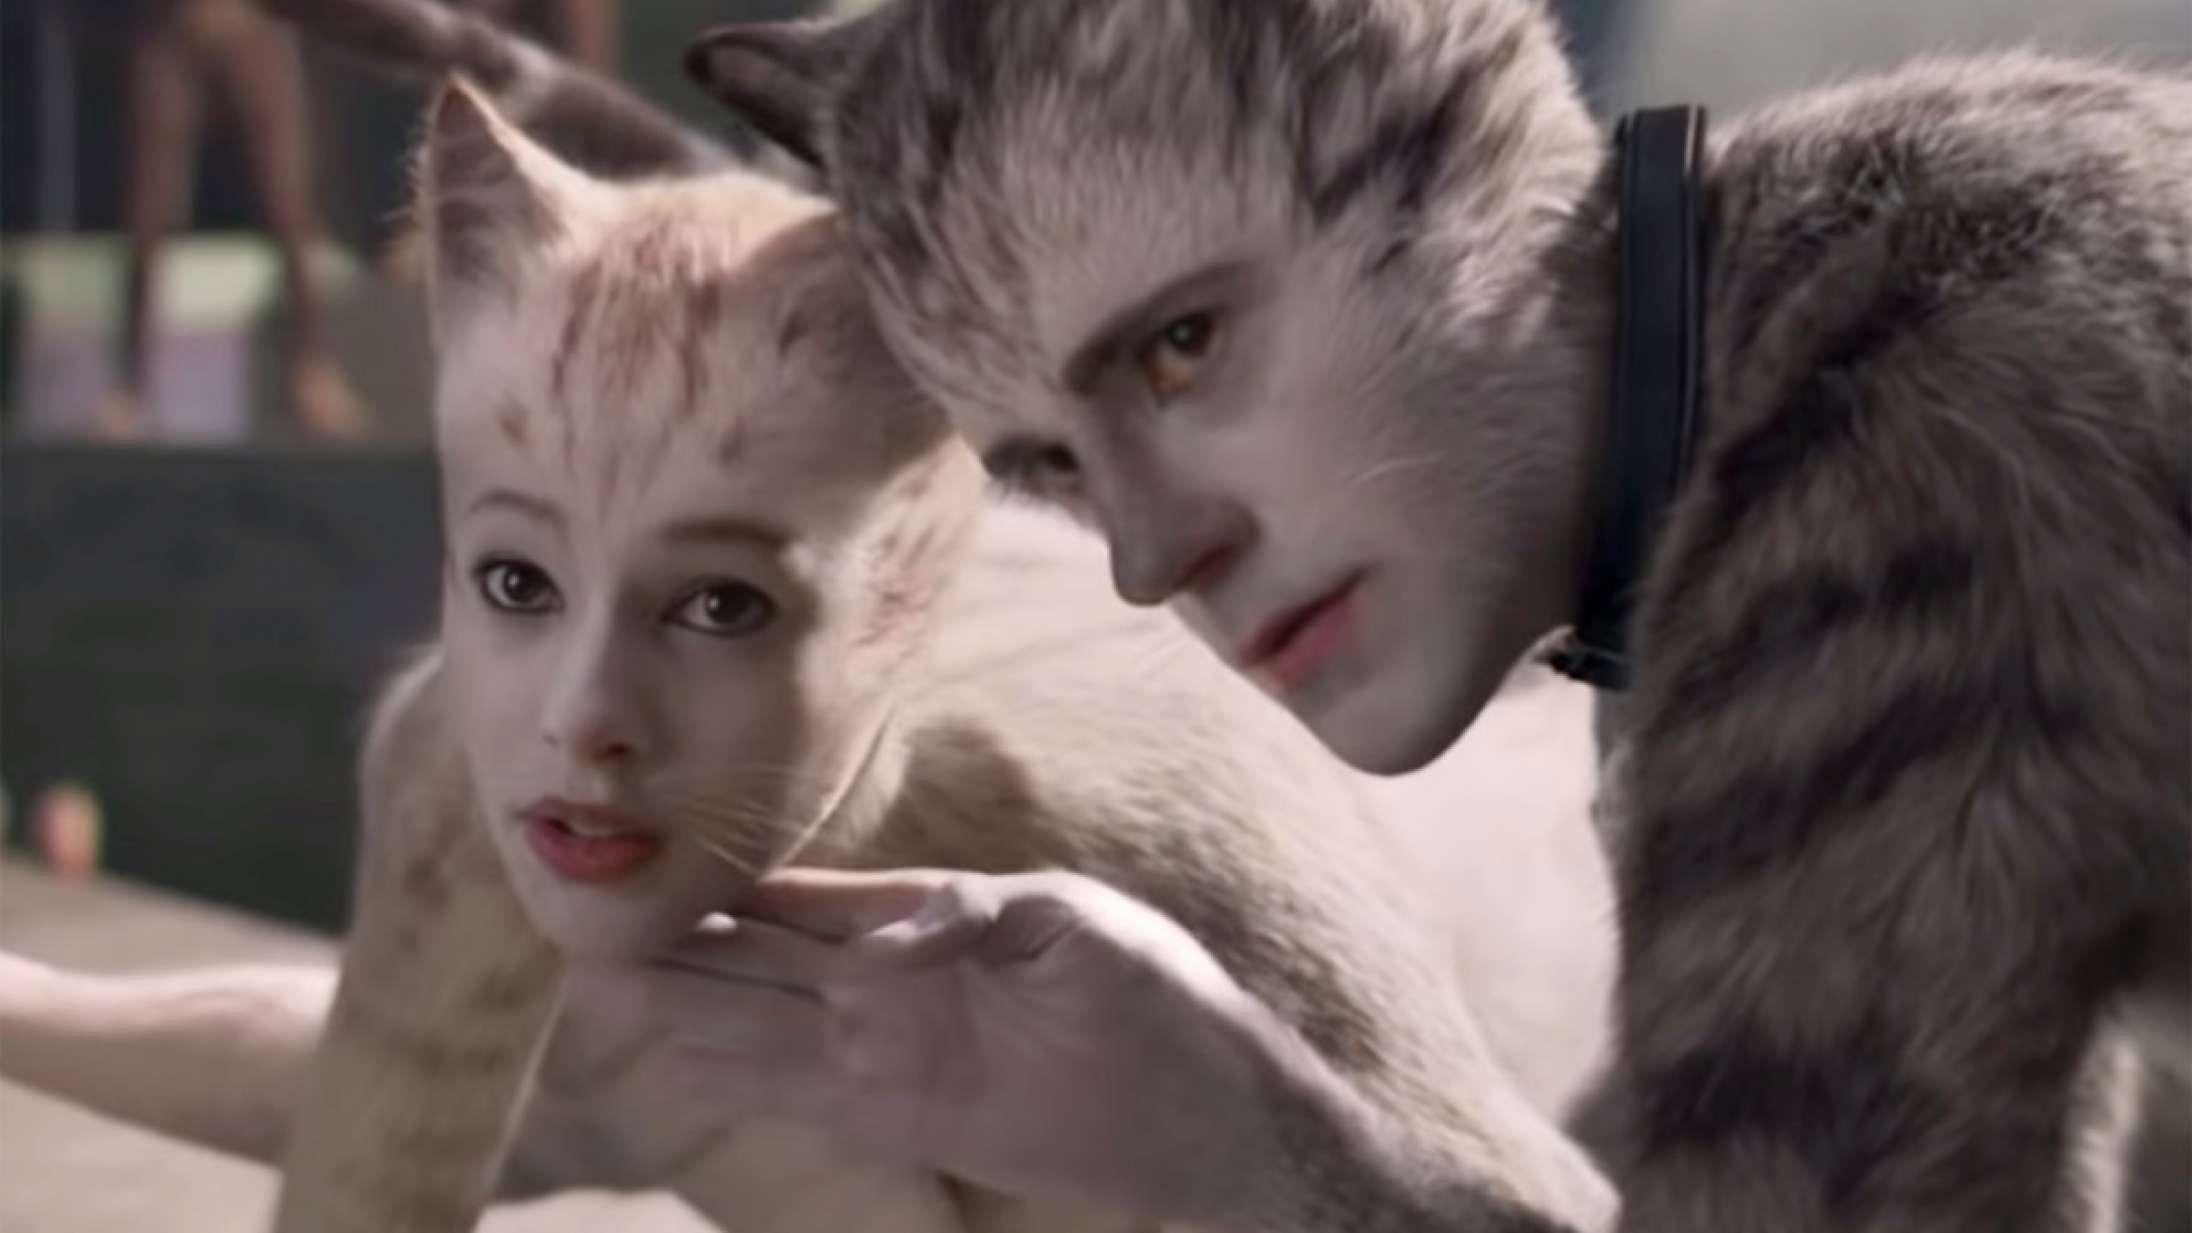 2019's største filmflops trækker tænder ud – men utroligt nok er 'Cats' ikke nummer sjok